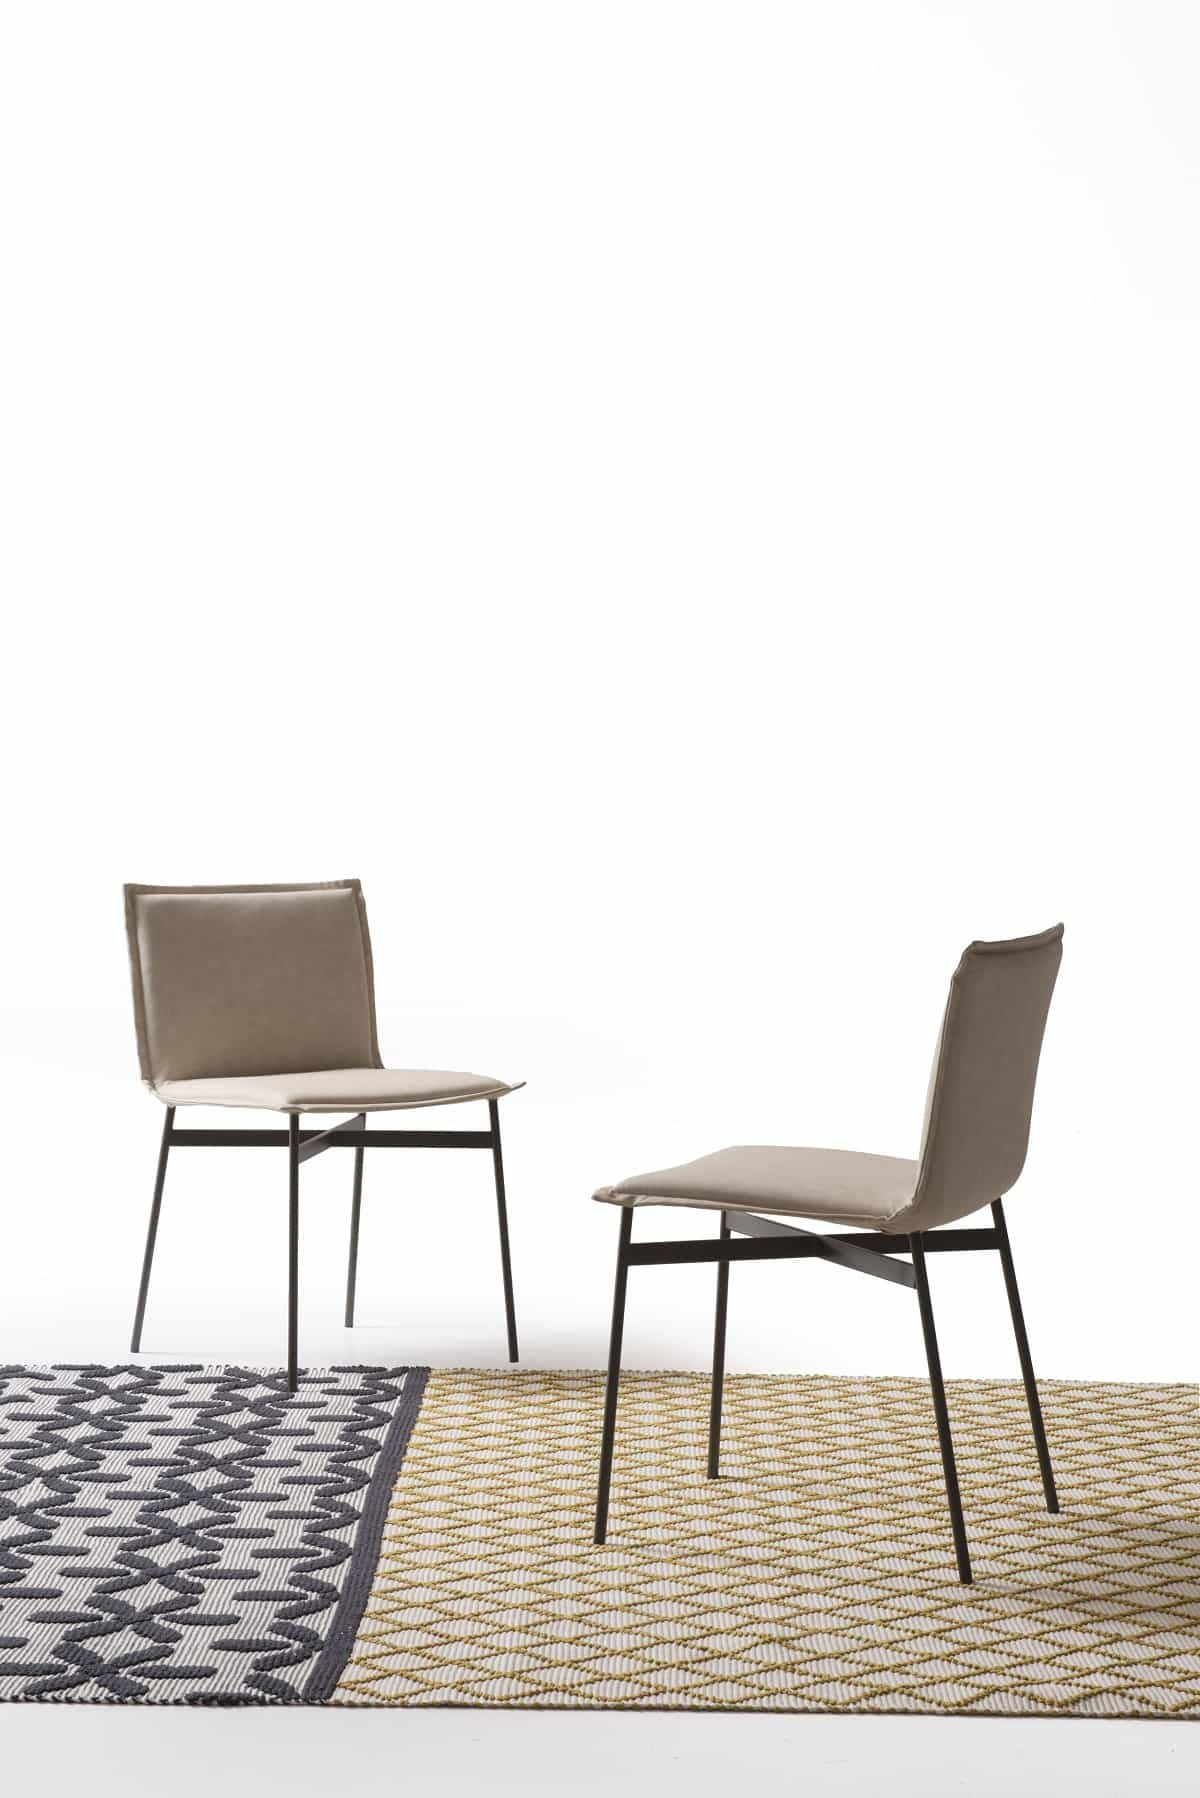 minimalismo-e-design